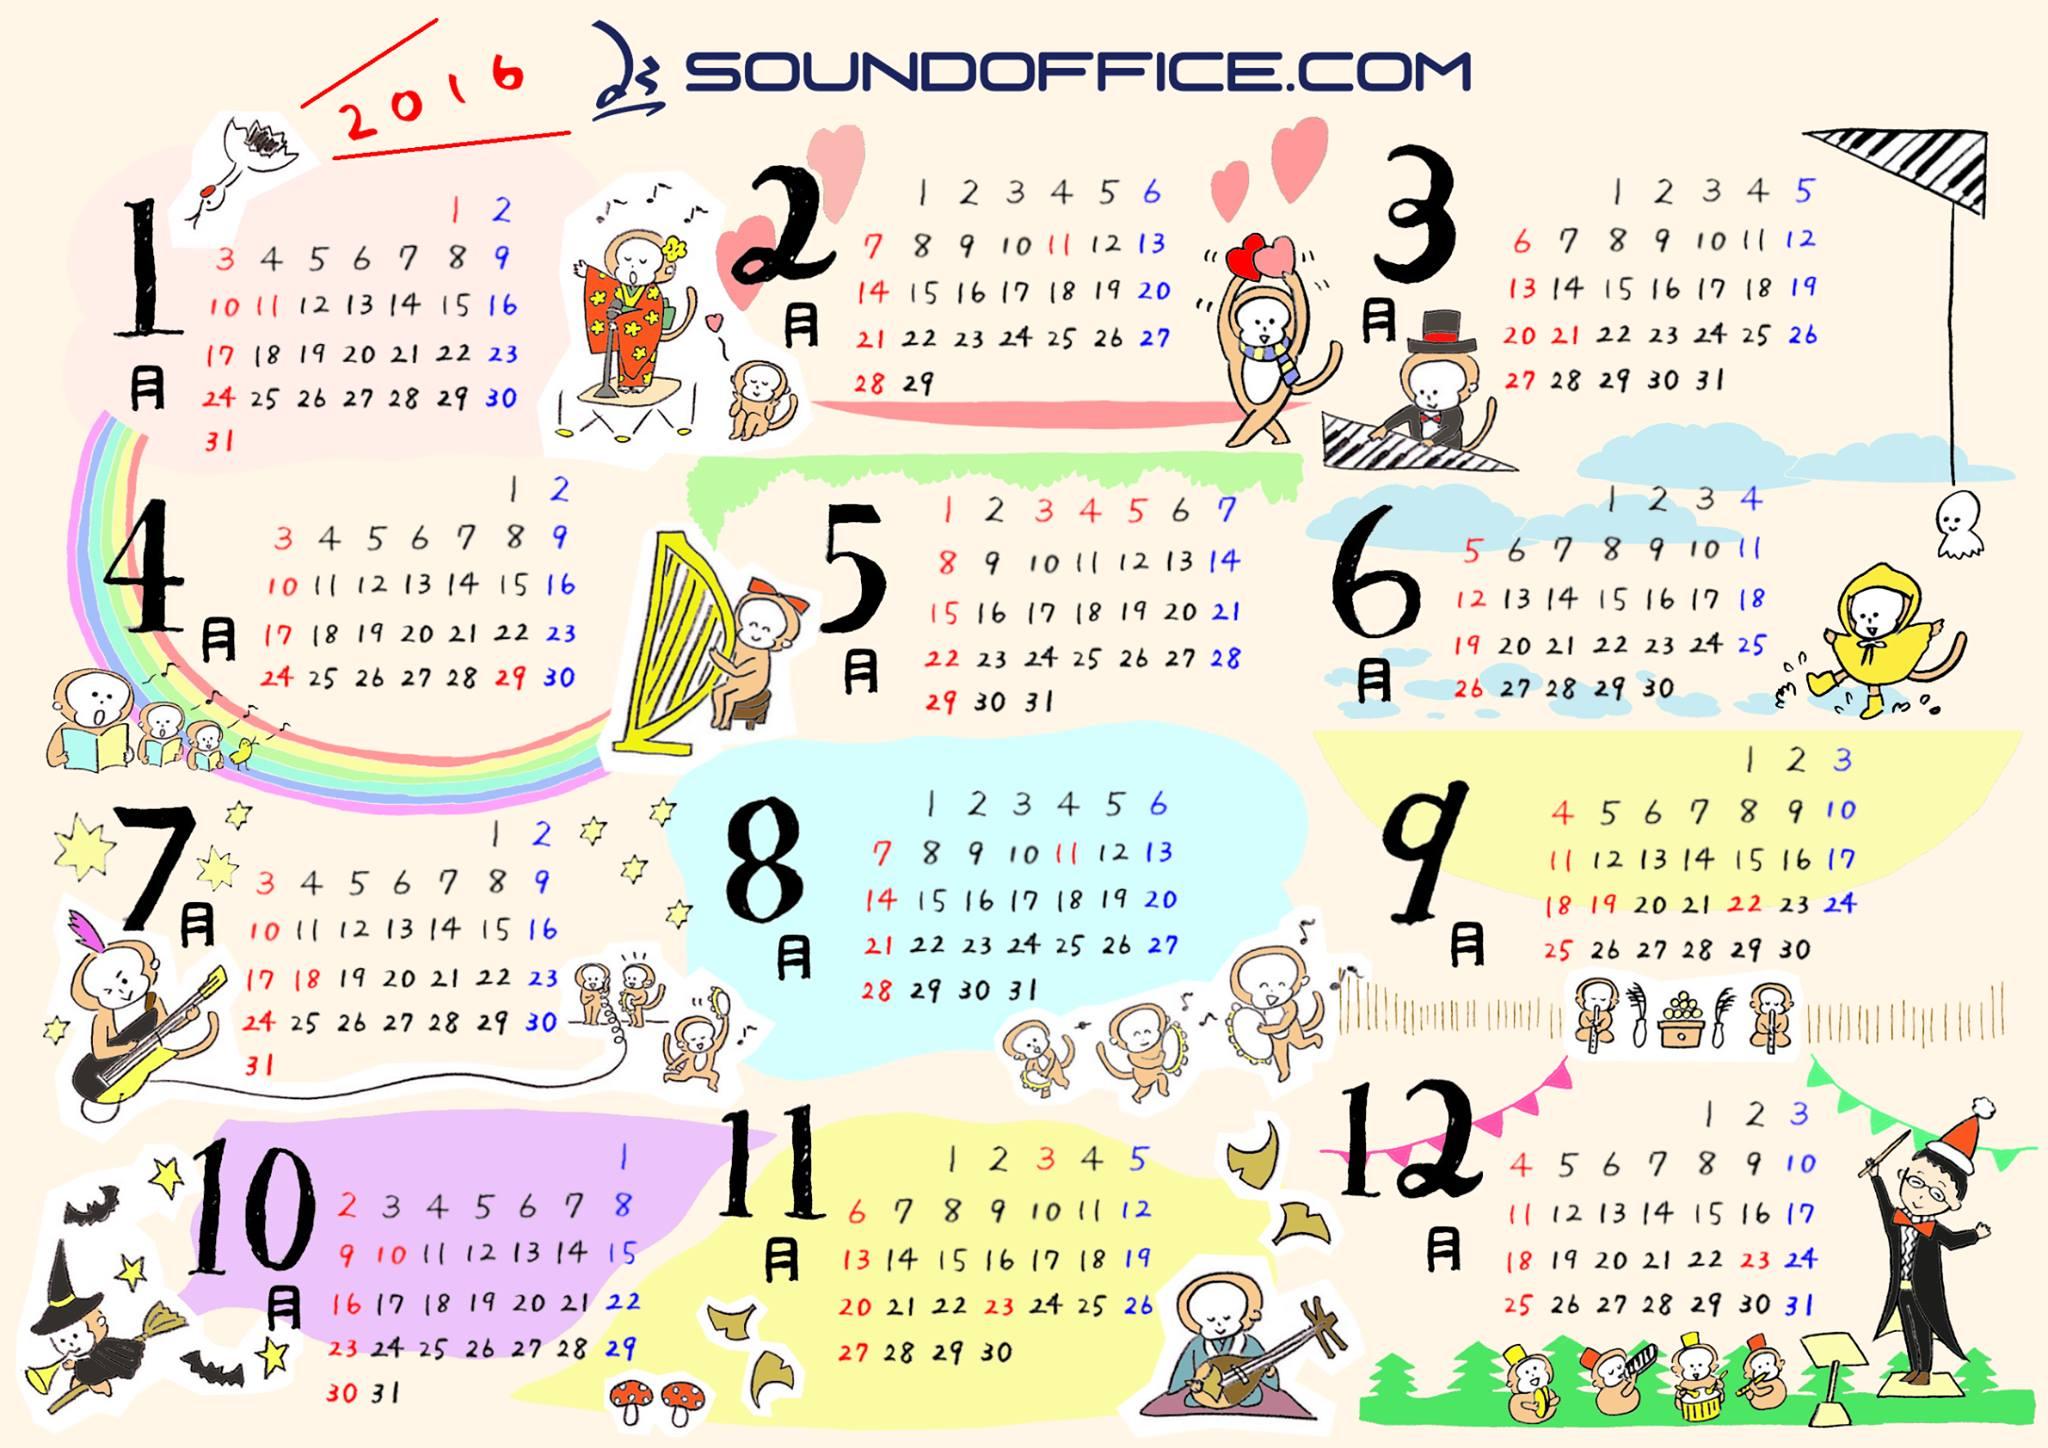 カレンダー 2015年度 カレンダー : のイラストデザインカレンダー ...